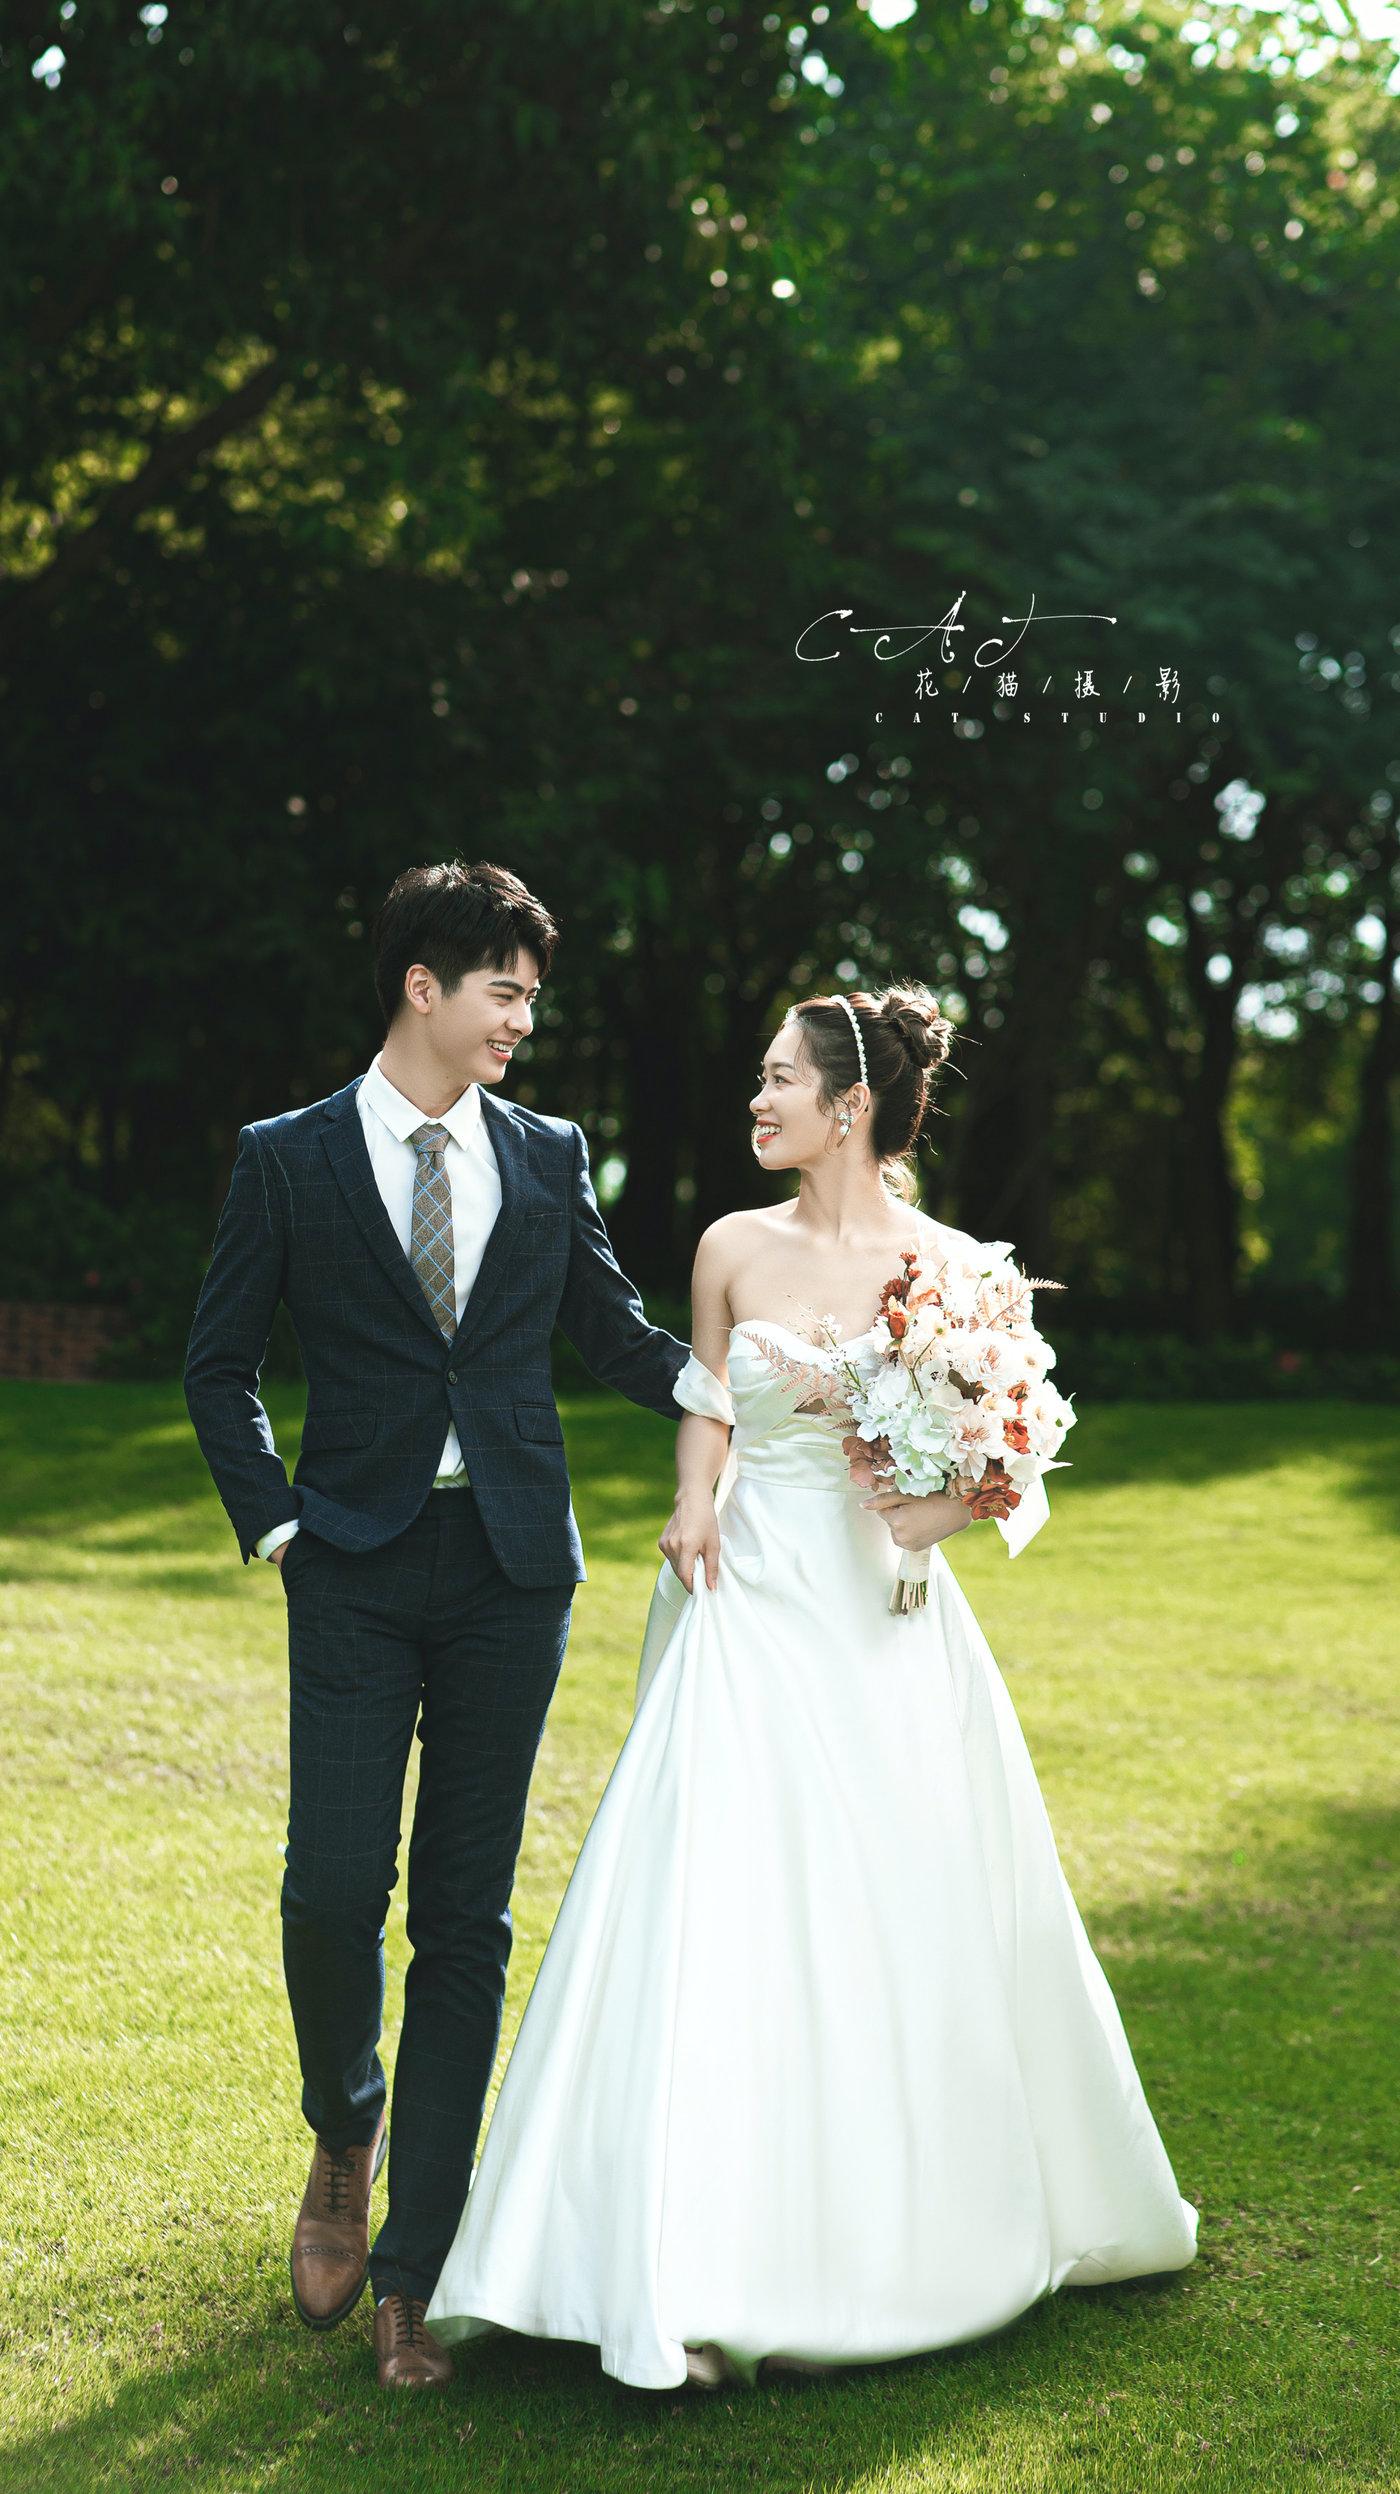 中山迪茵湖婚纱照9